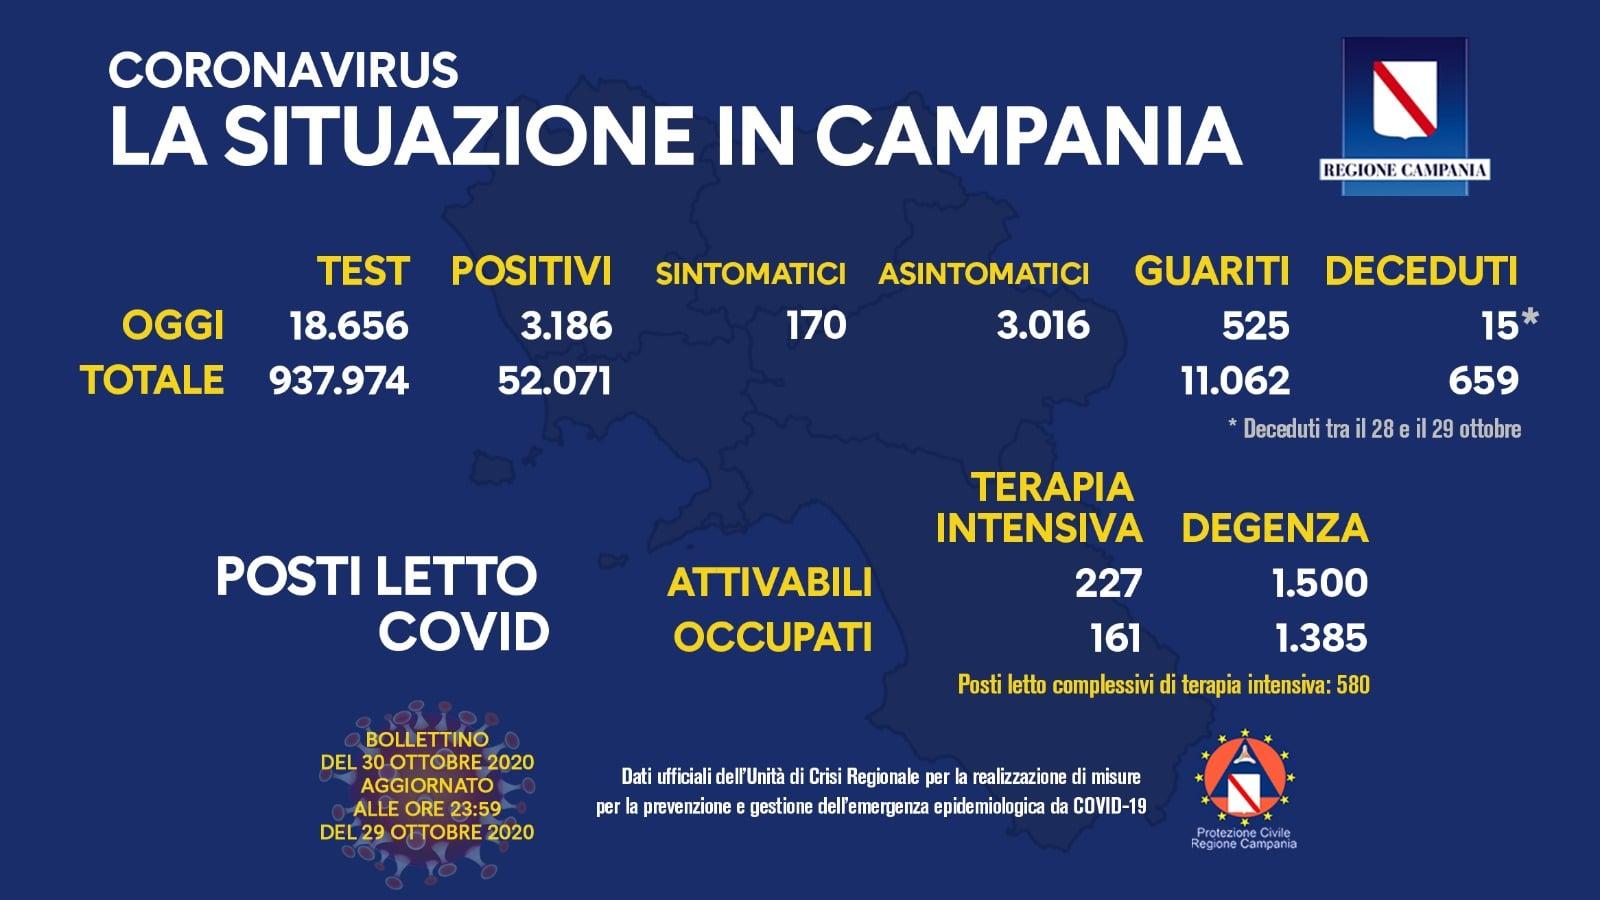 Coronavirus in Campania, il bollettino di oggi: positivi sui 3000